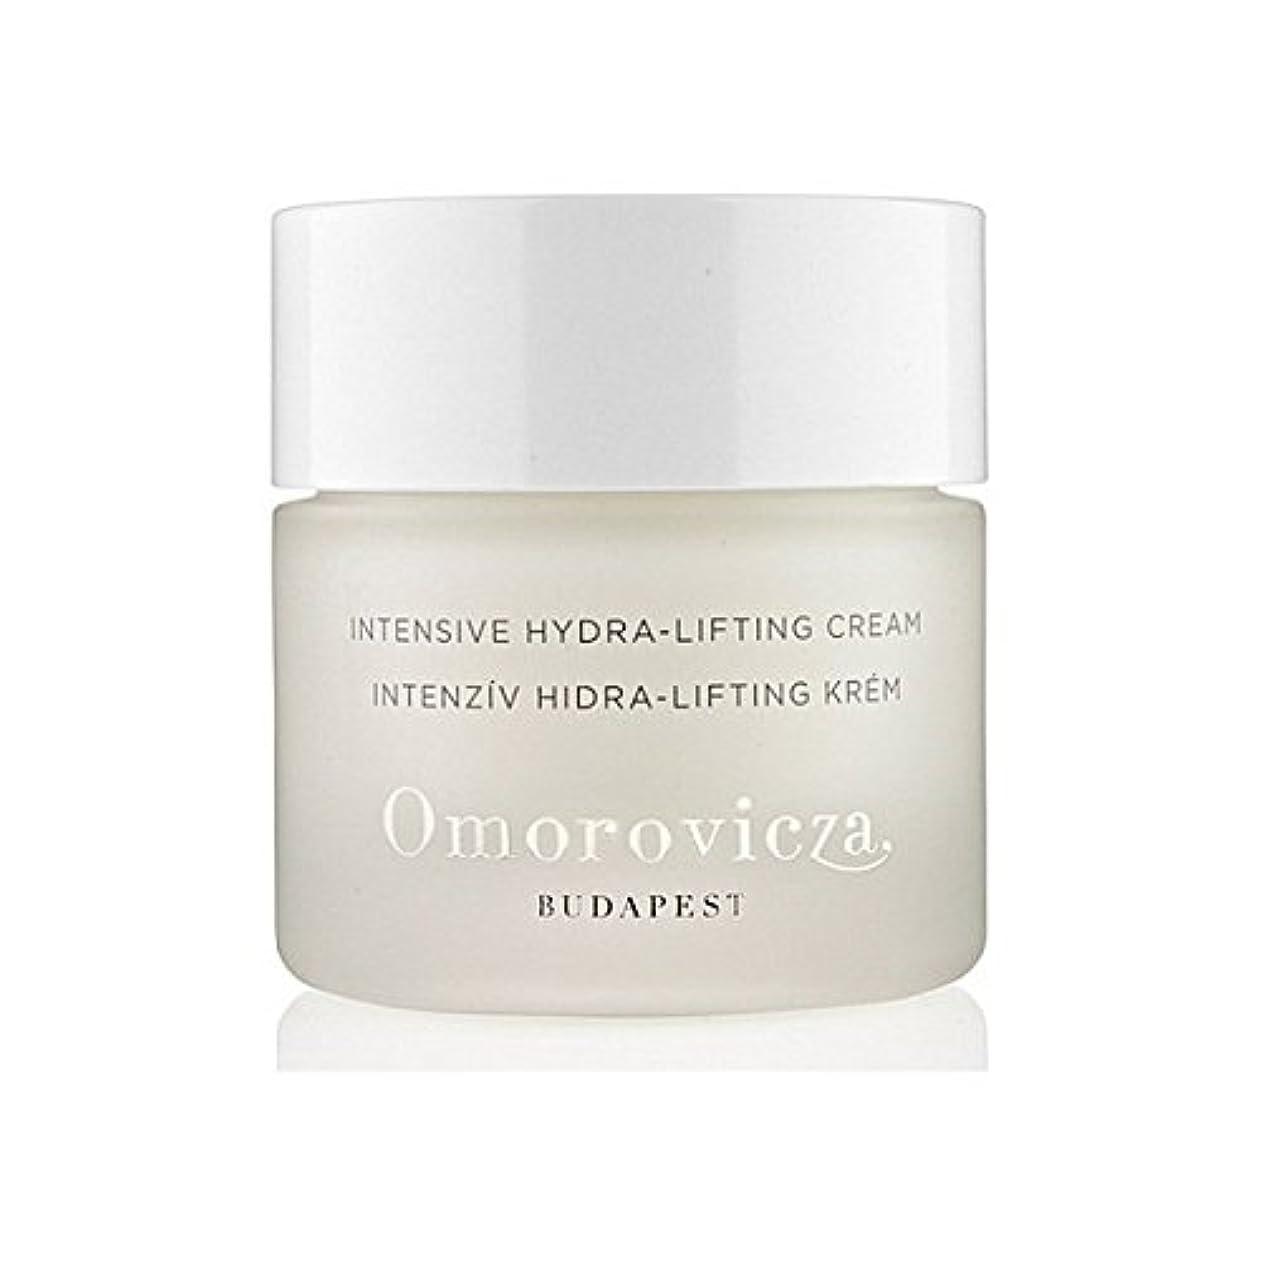 限られたワイヤー十代の若者たちOmorovicza Intensive Hydra-Lifting Cream 50Ml - 集中的なヒドラリフティングクリーム50 [並行輸入品]